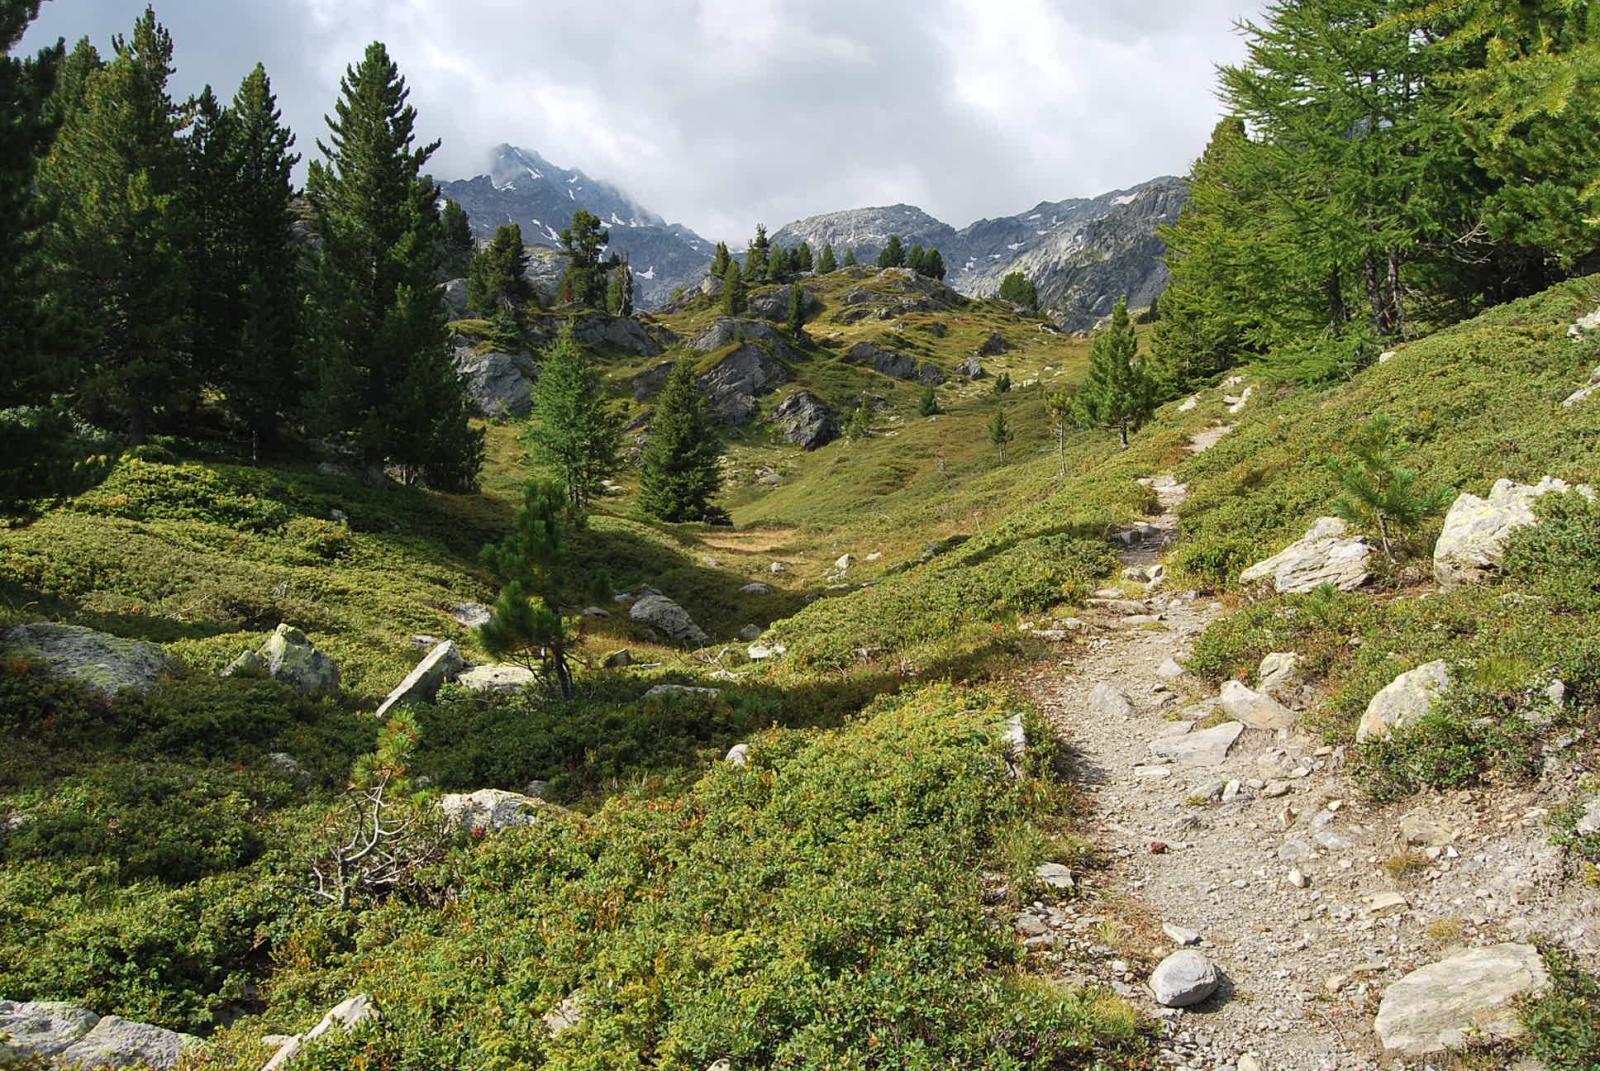 L'entrata del sentiero n. 7 nella Comba Sozin; sullo sfondo le pendici del Freduaz.